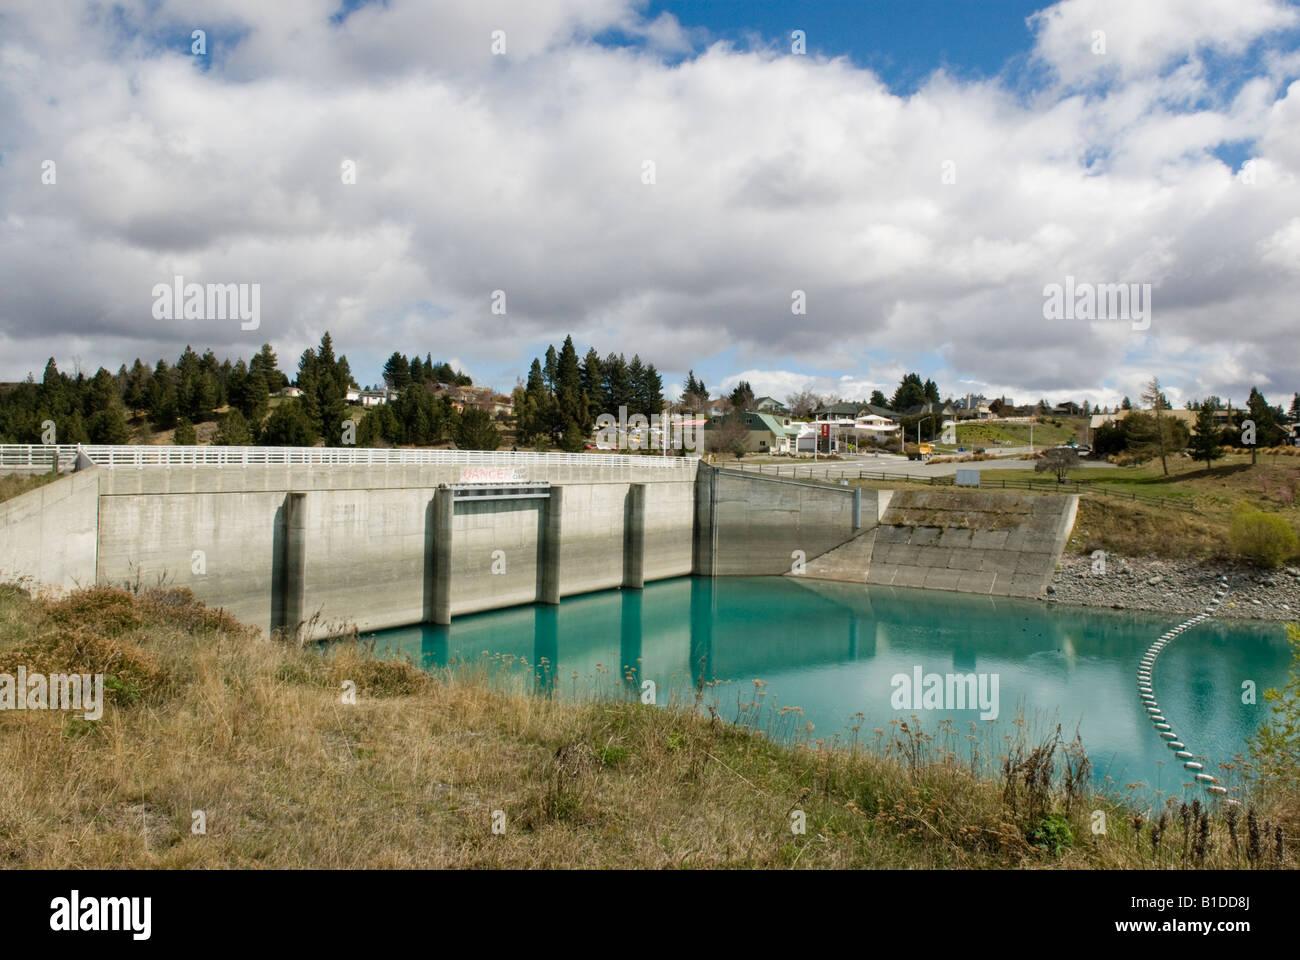 the lake tekapo control gates which release water through